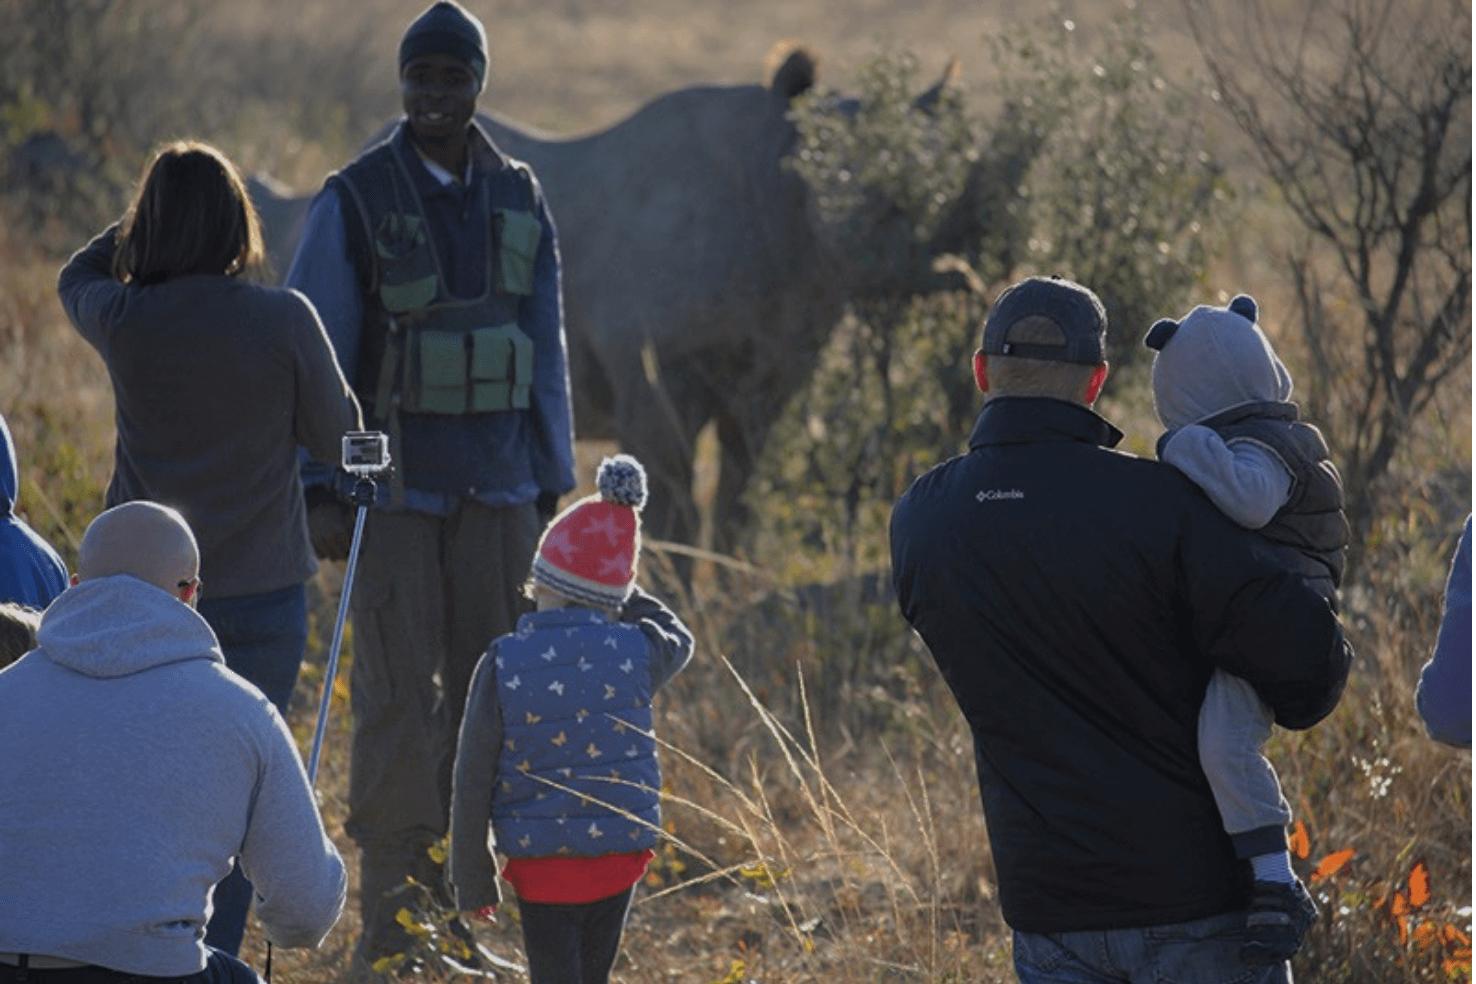 Family volunteer programmes in Zimbabwe